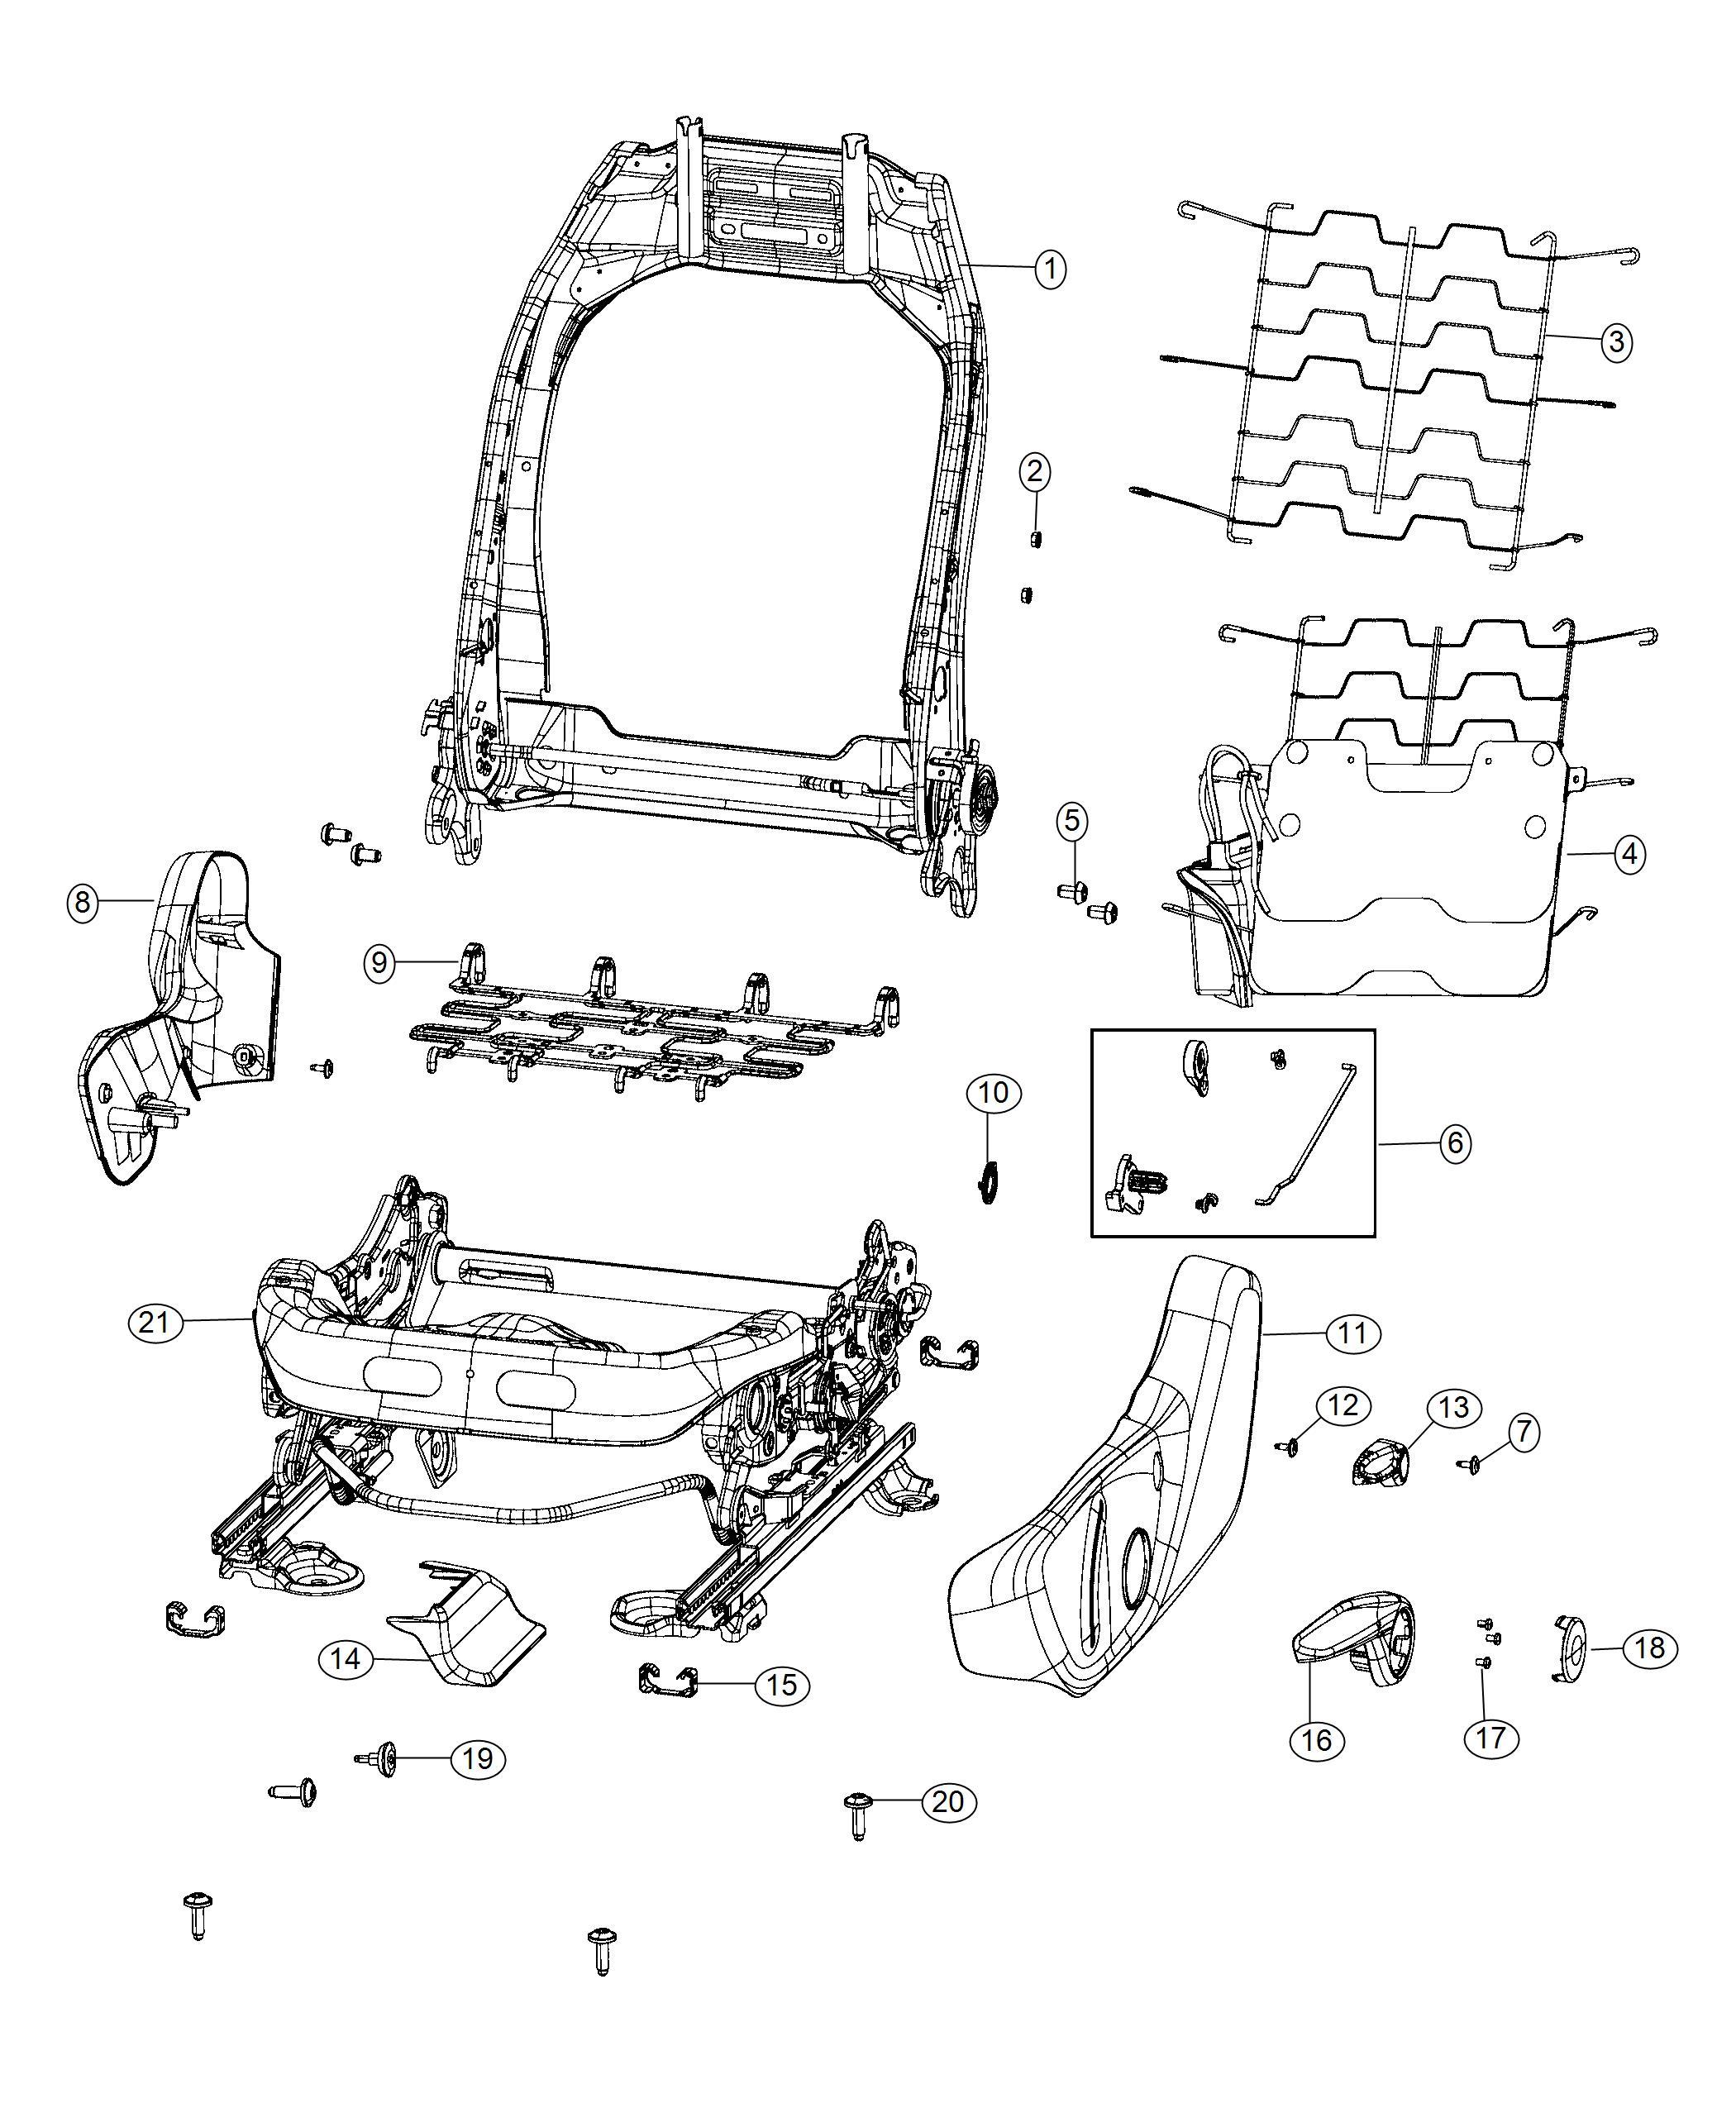 Jeep Compass Shield Front Seat Trim No Description Available Color Black